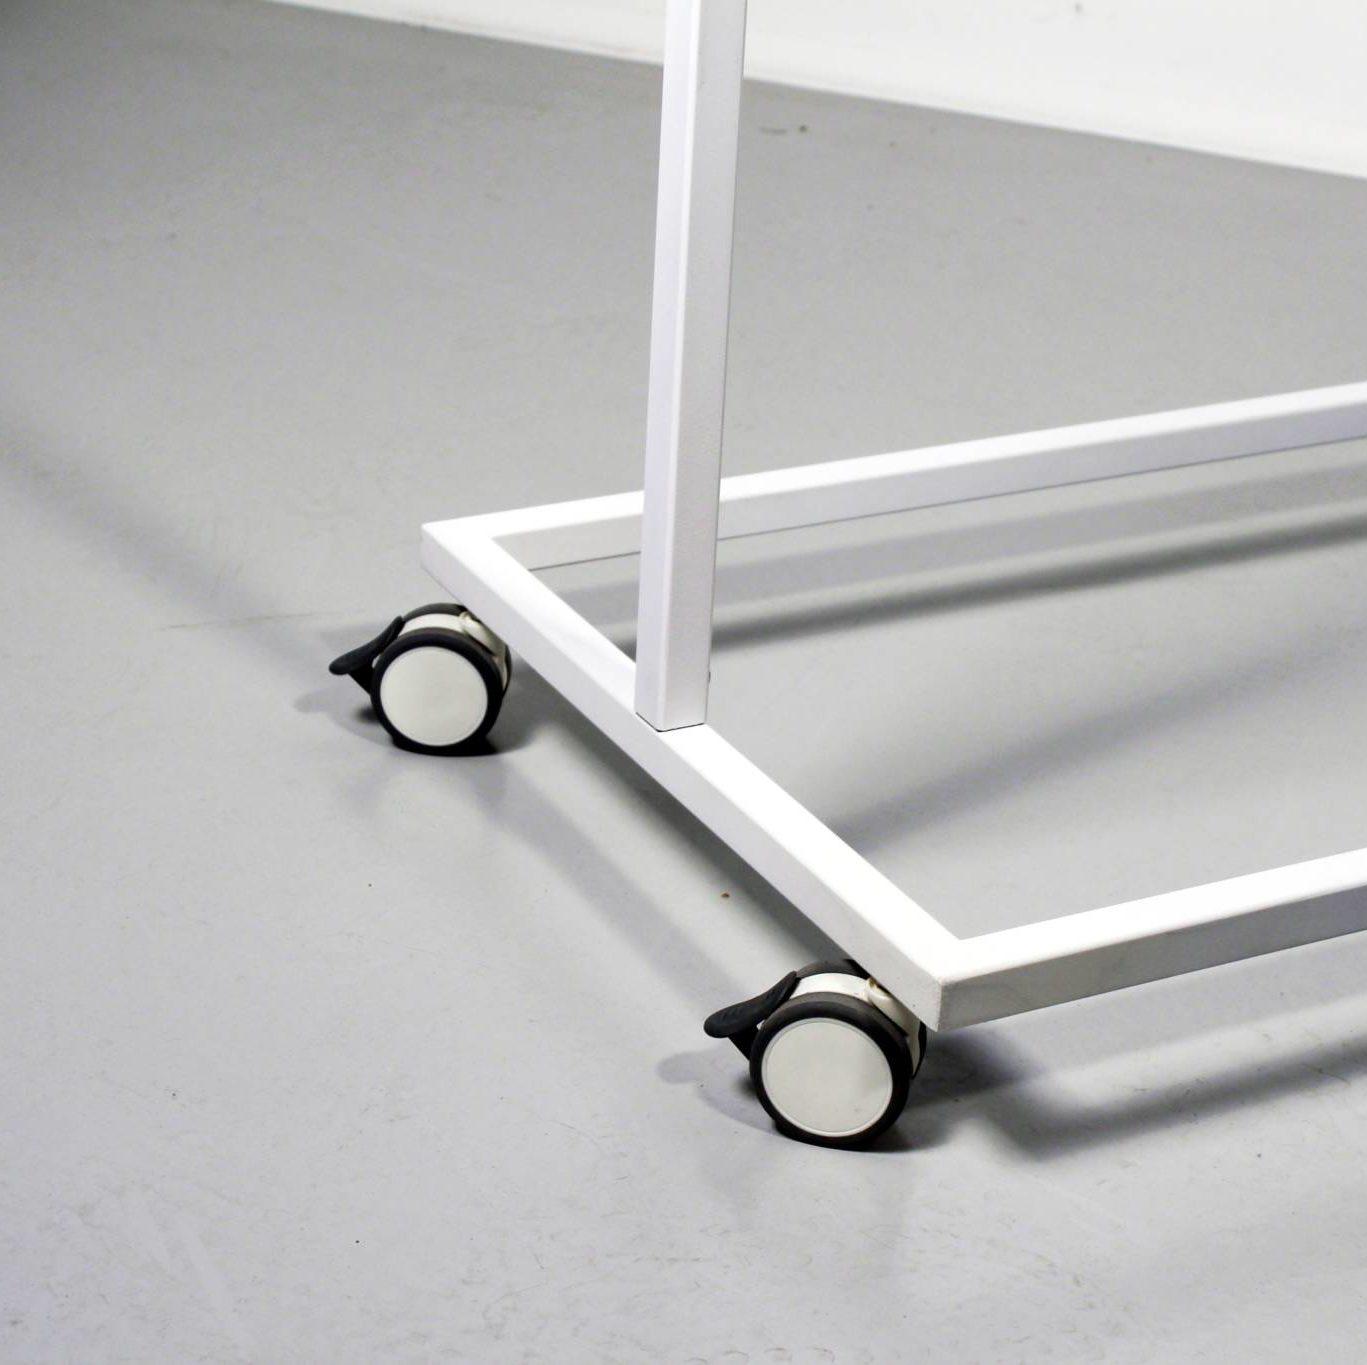 Hjulsæt til design stativ kollektionen fra European Mannequins & Retail Design